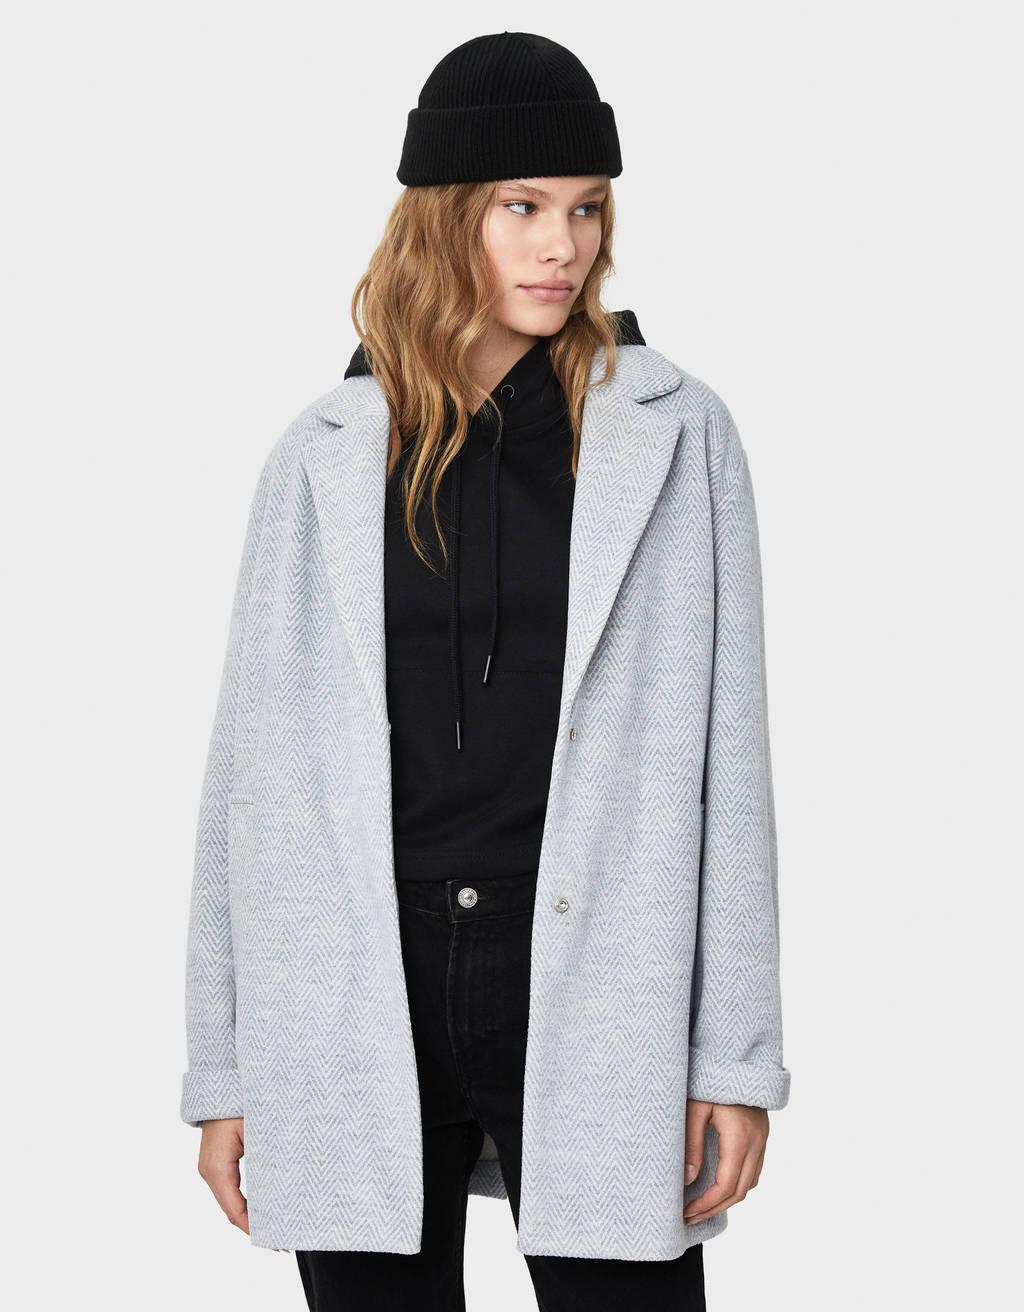 Masculine-cut coat